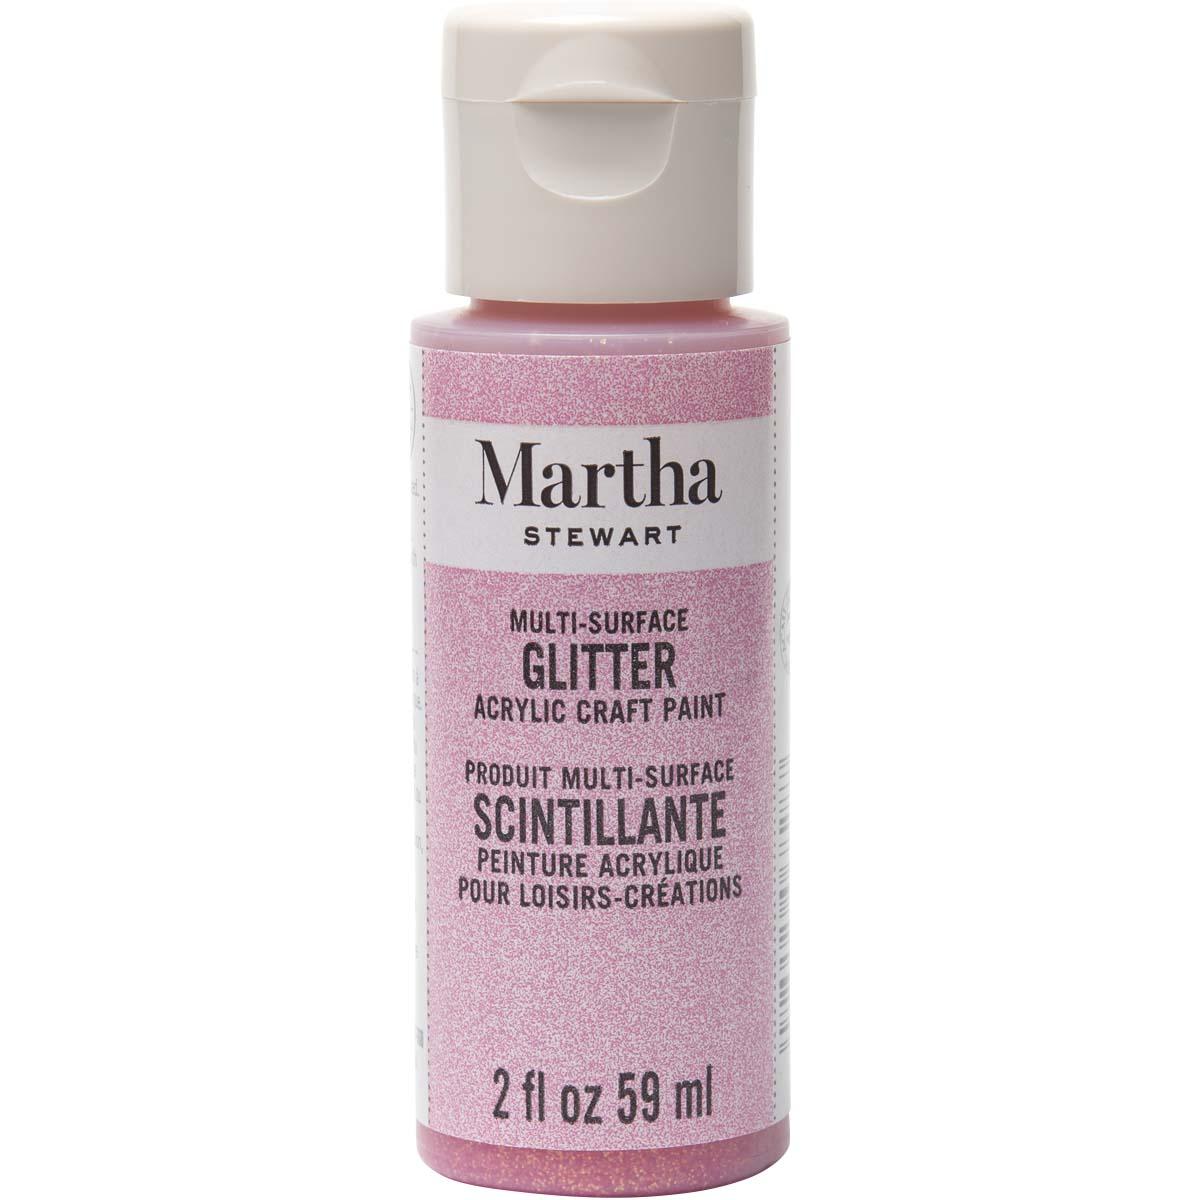 Martha Stewart® 2oz Multi-Surface Glitter Acrylic Craft Paint - Cotton Candy